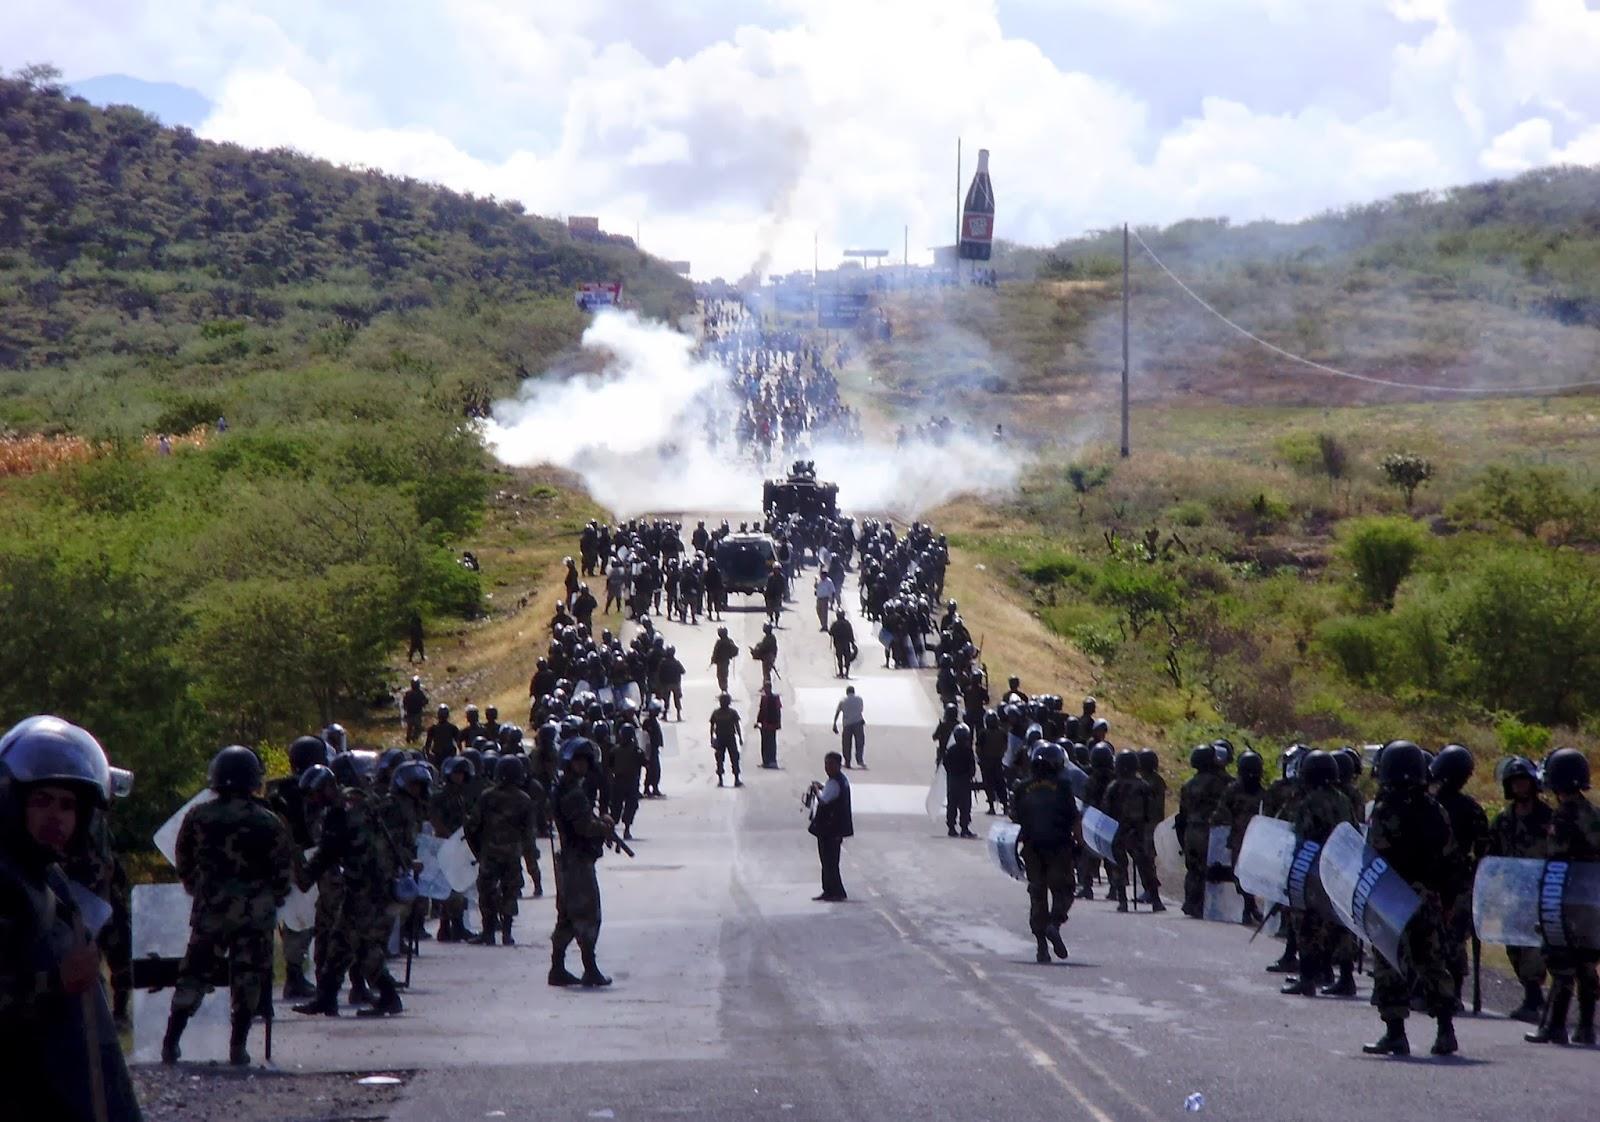 El test de proporcionalidad como herramienta para analizar la constitucionalidad de las medidas de fuerzas en contexto de protestas sociales[1]